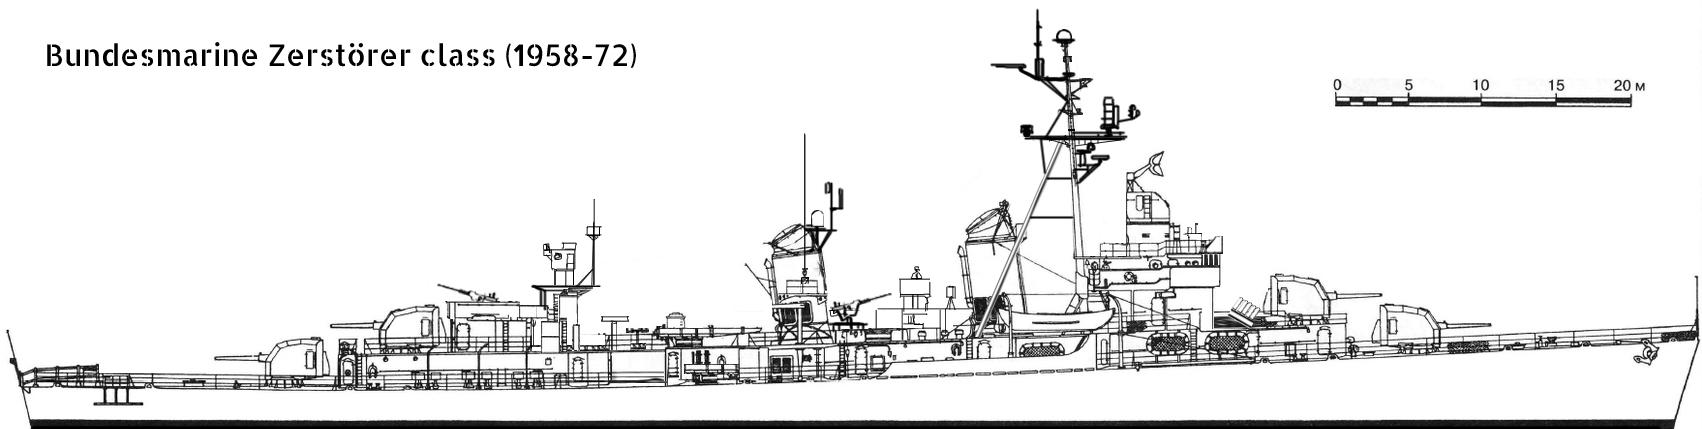 NB Zerstorer blueprint